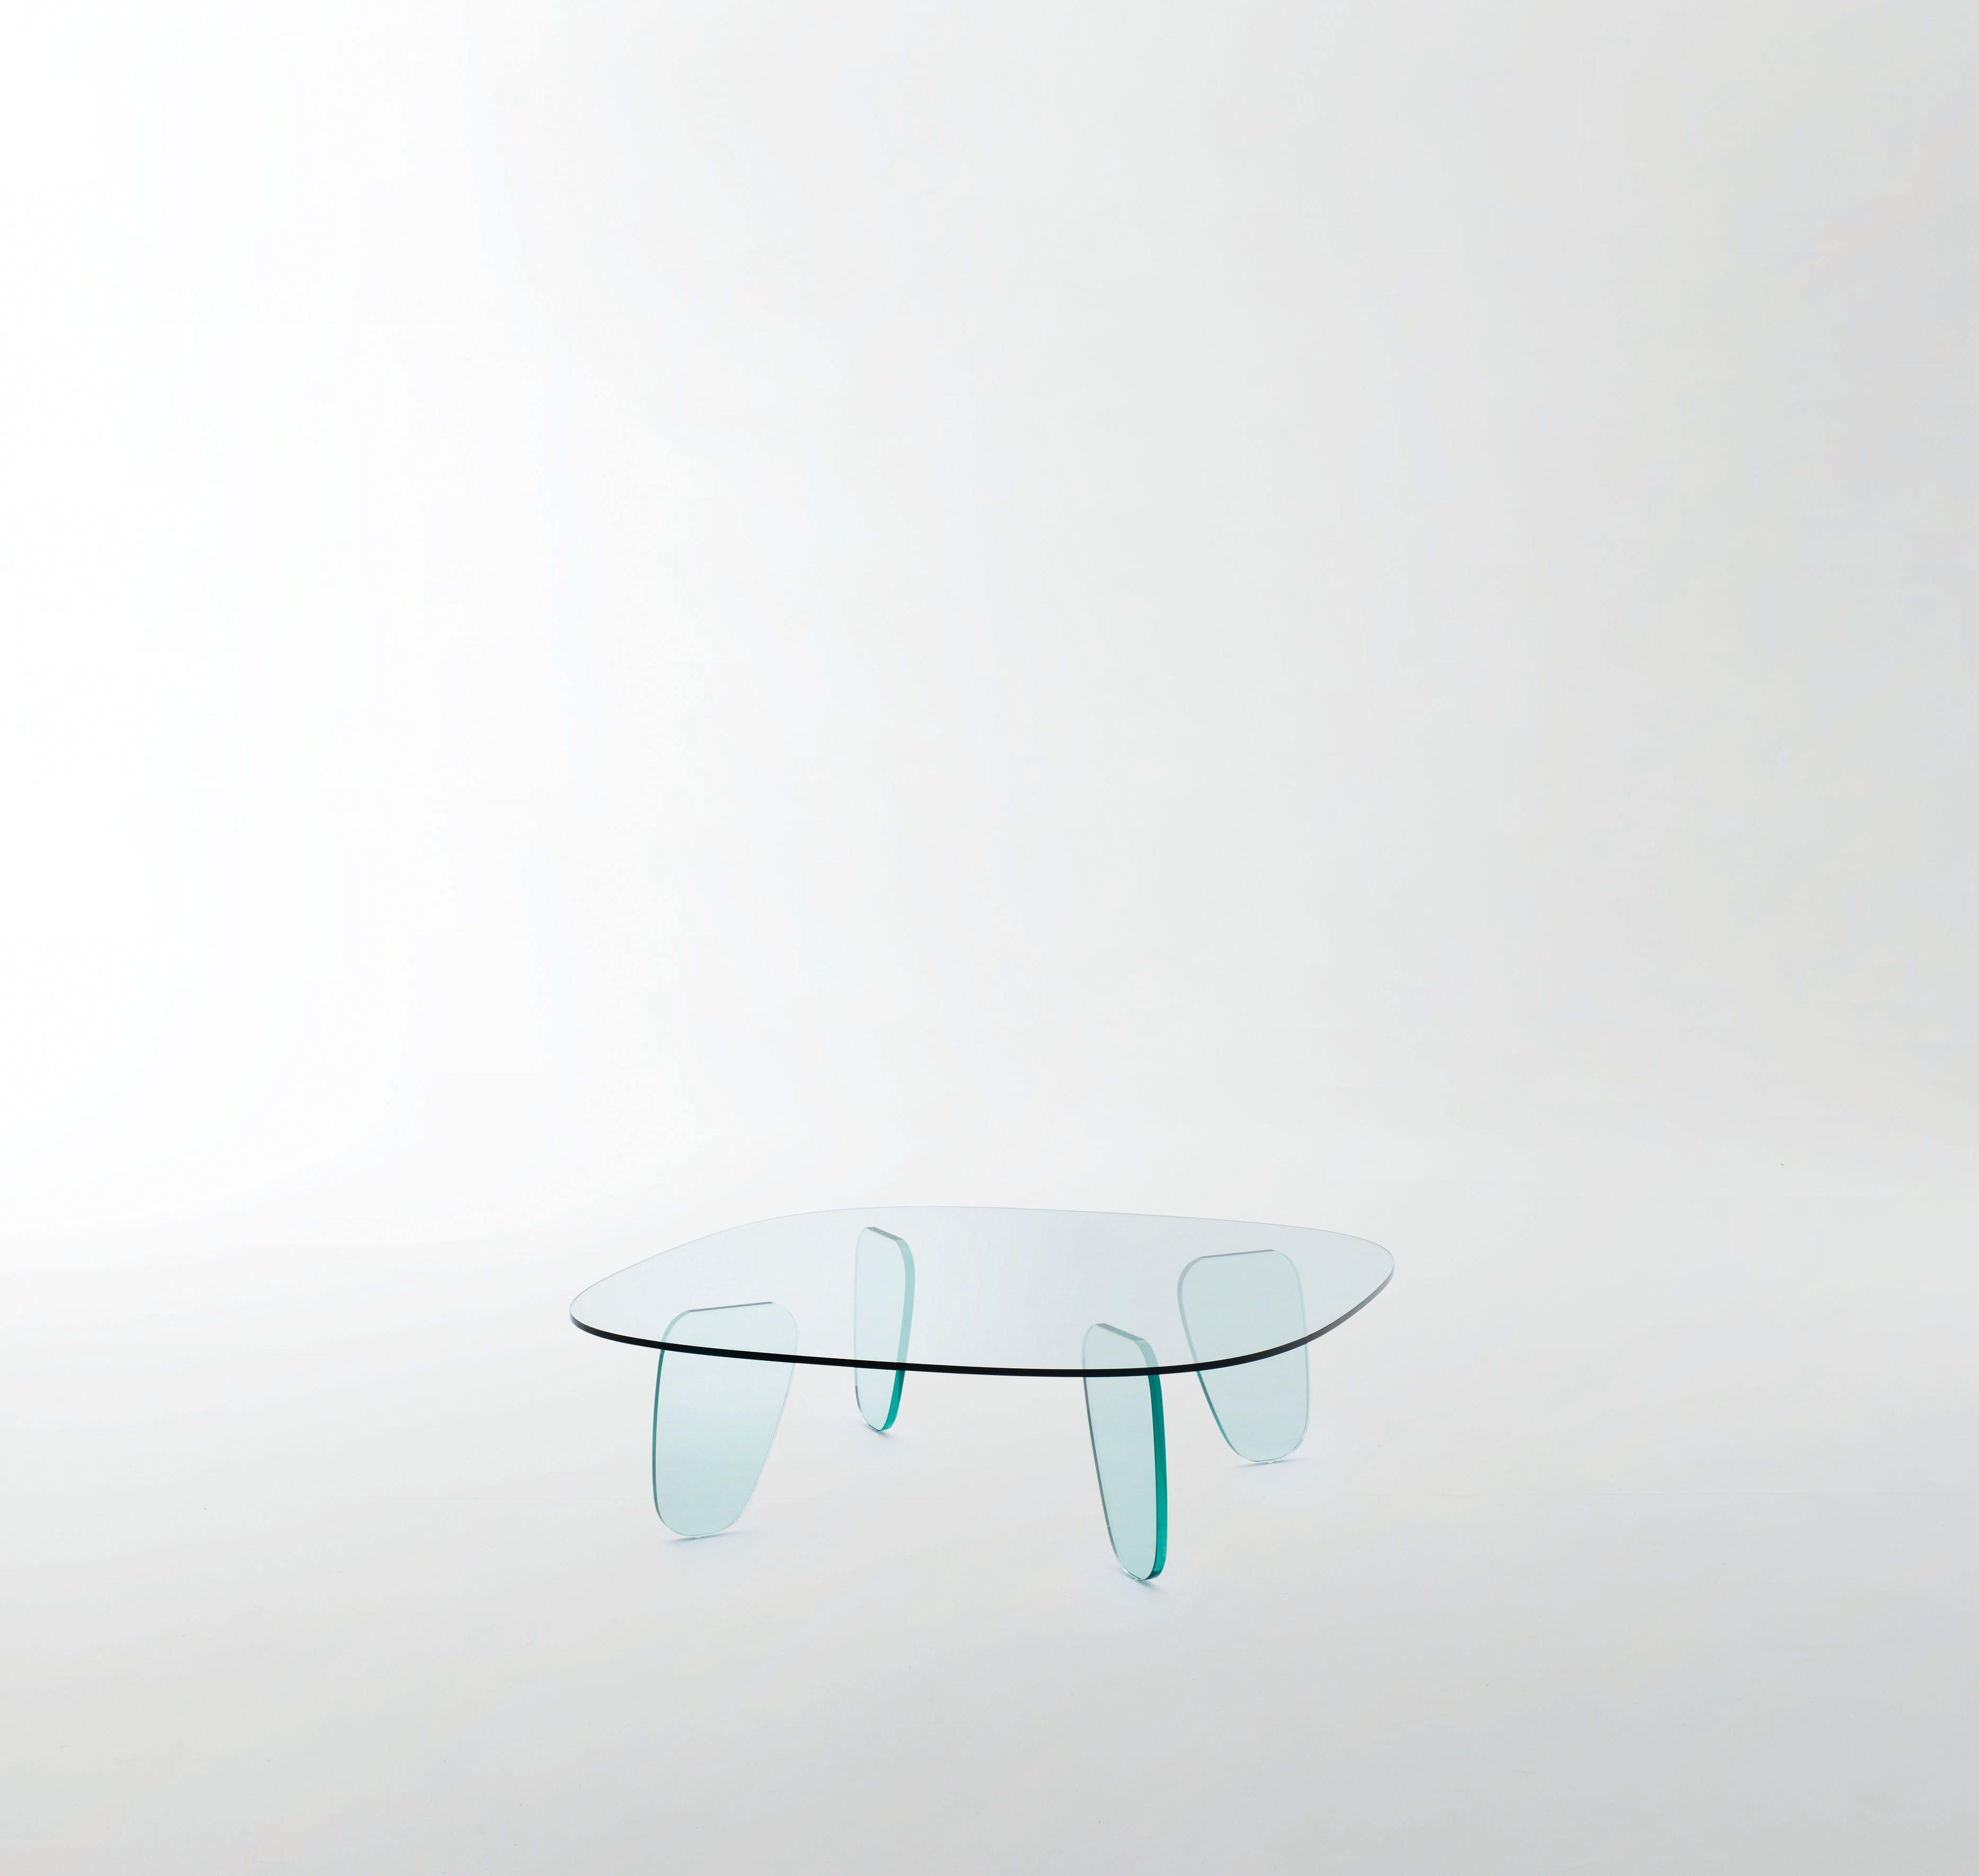 DRAWN TABLE design Naoto Fukasawa Low and shaped table